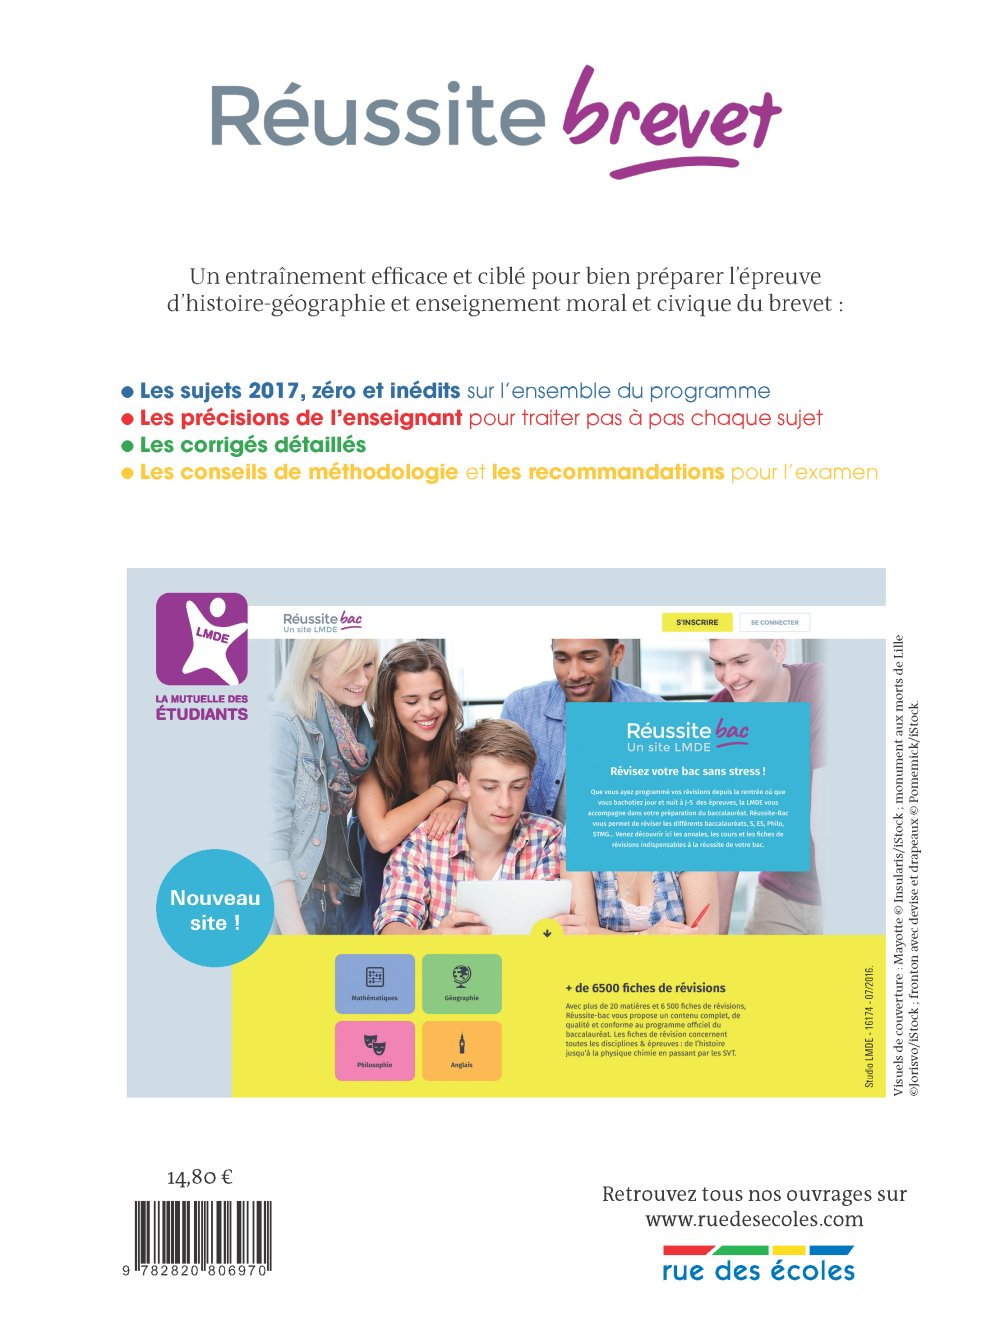 Réussite brevet, Histoire-Géographie-Enseignement moral et civique 3e: 9782820806970: Amazon.com: Books